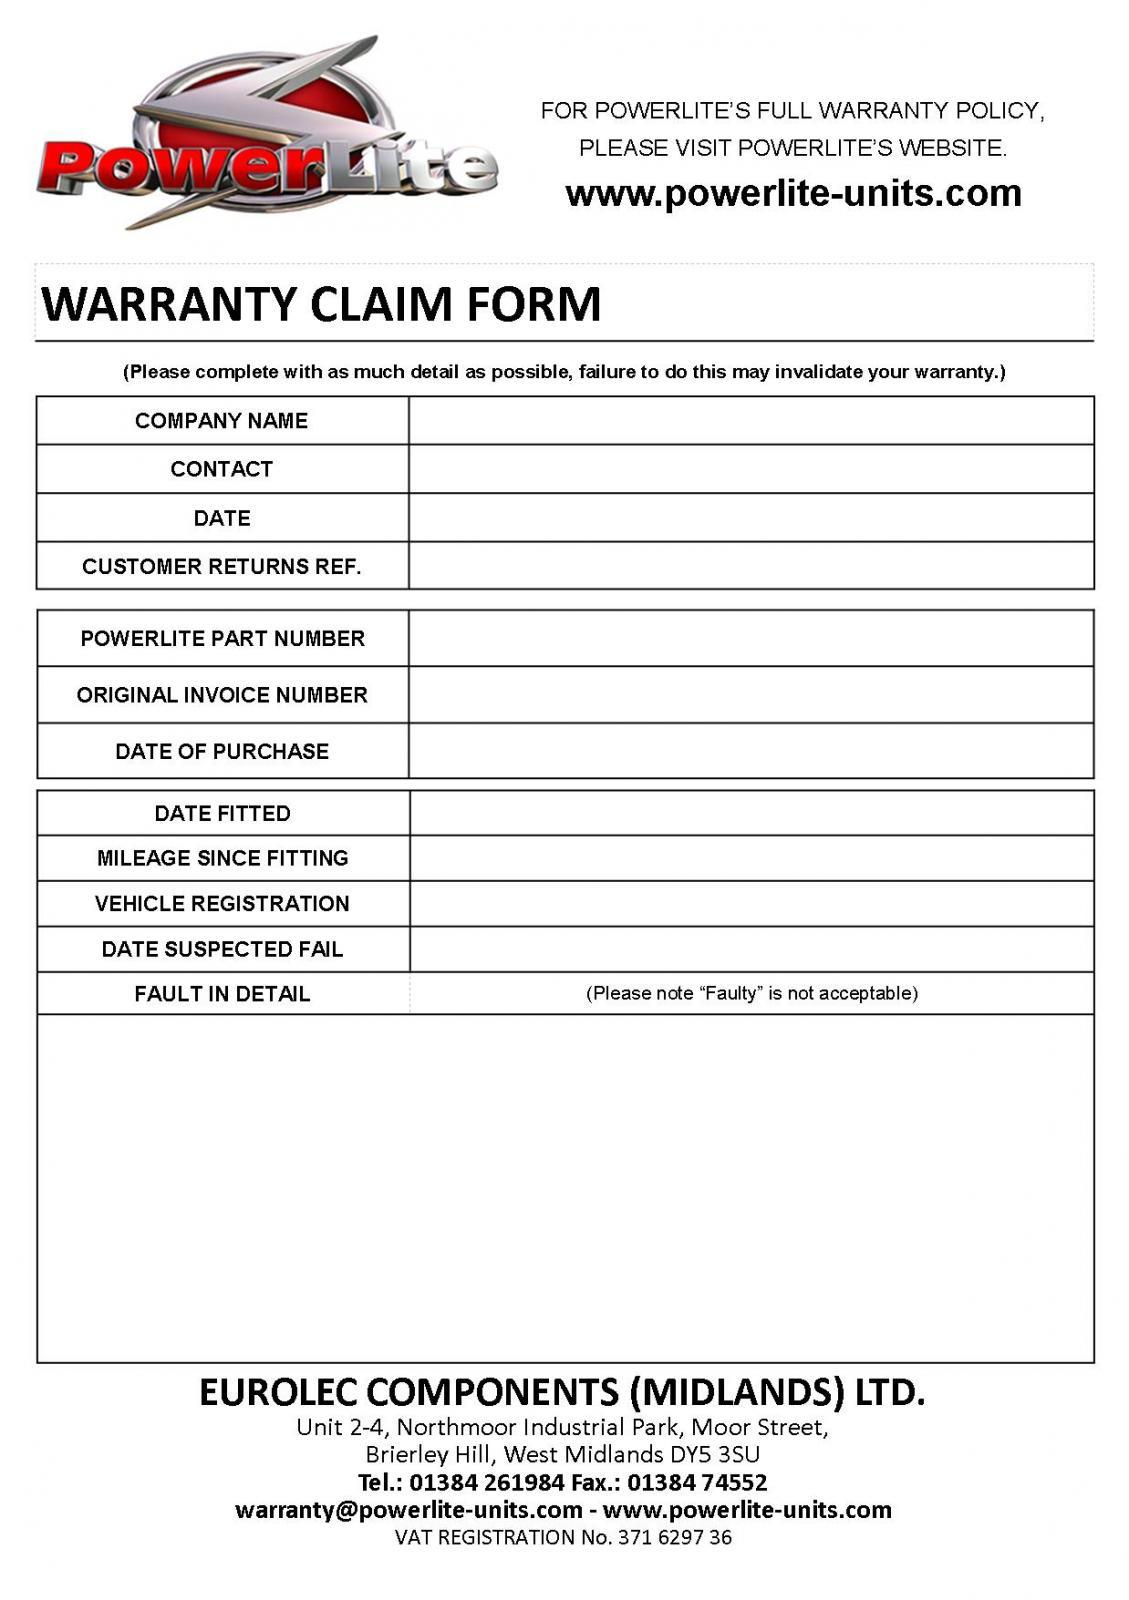 POWERLITE_WARRANTY_CLAIM_FORM_1.jpg